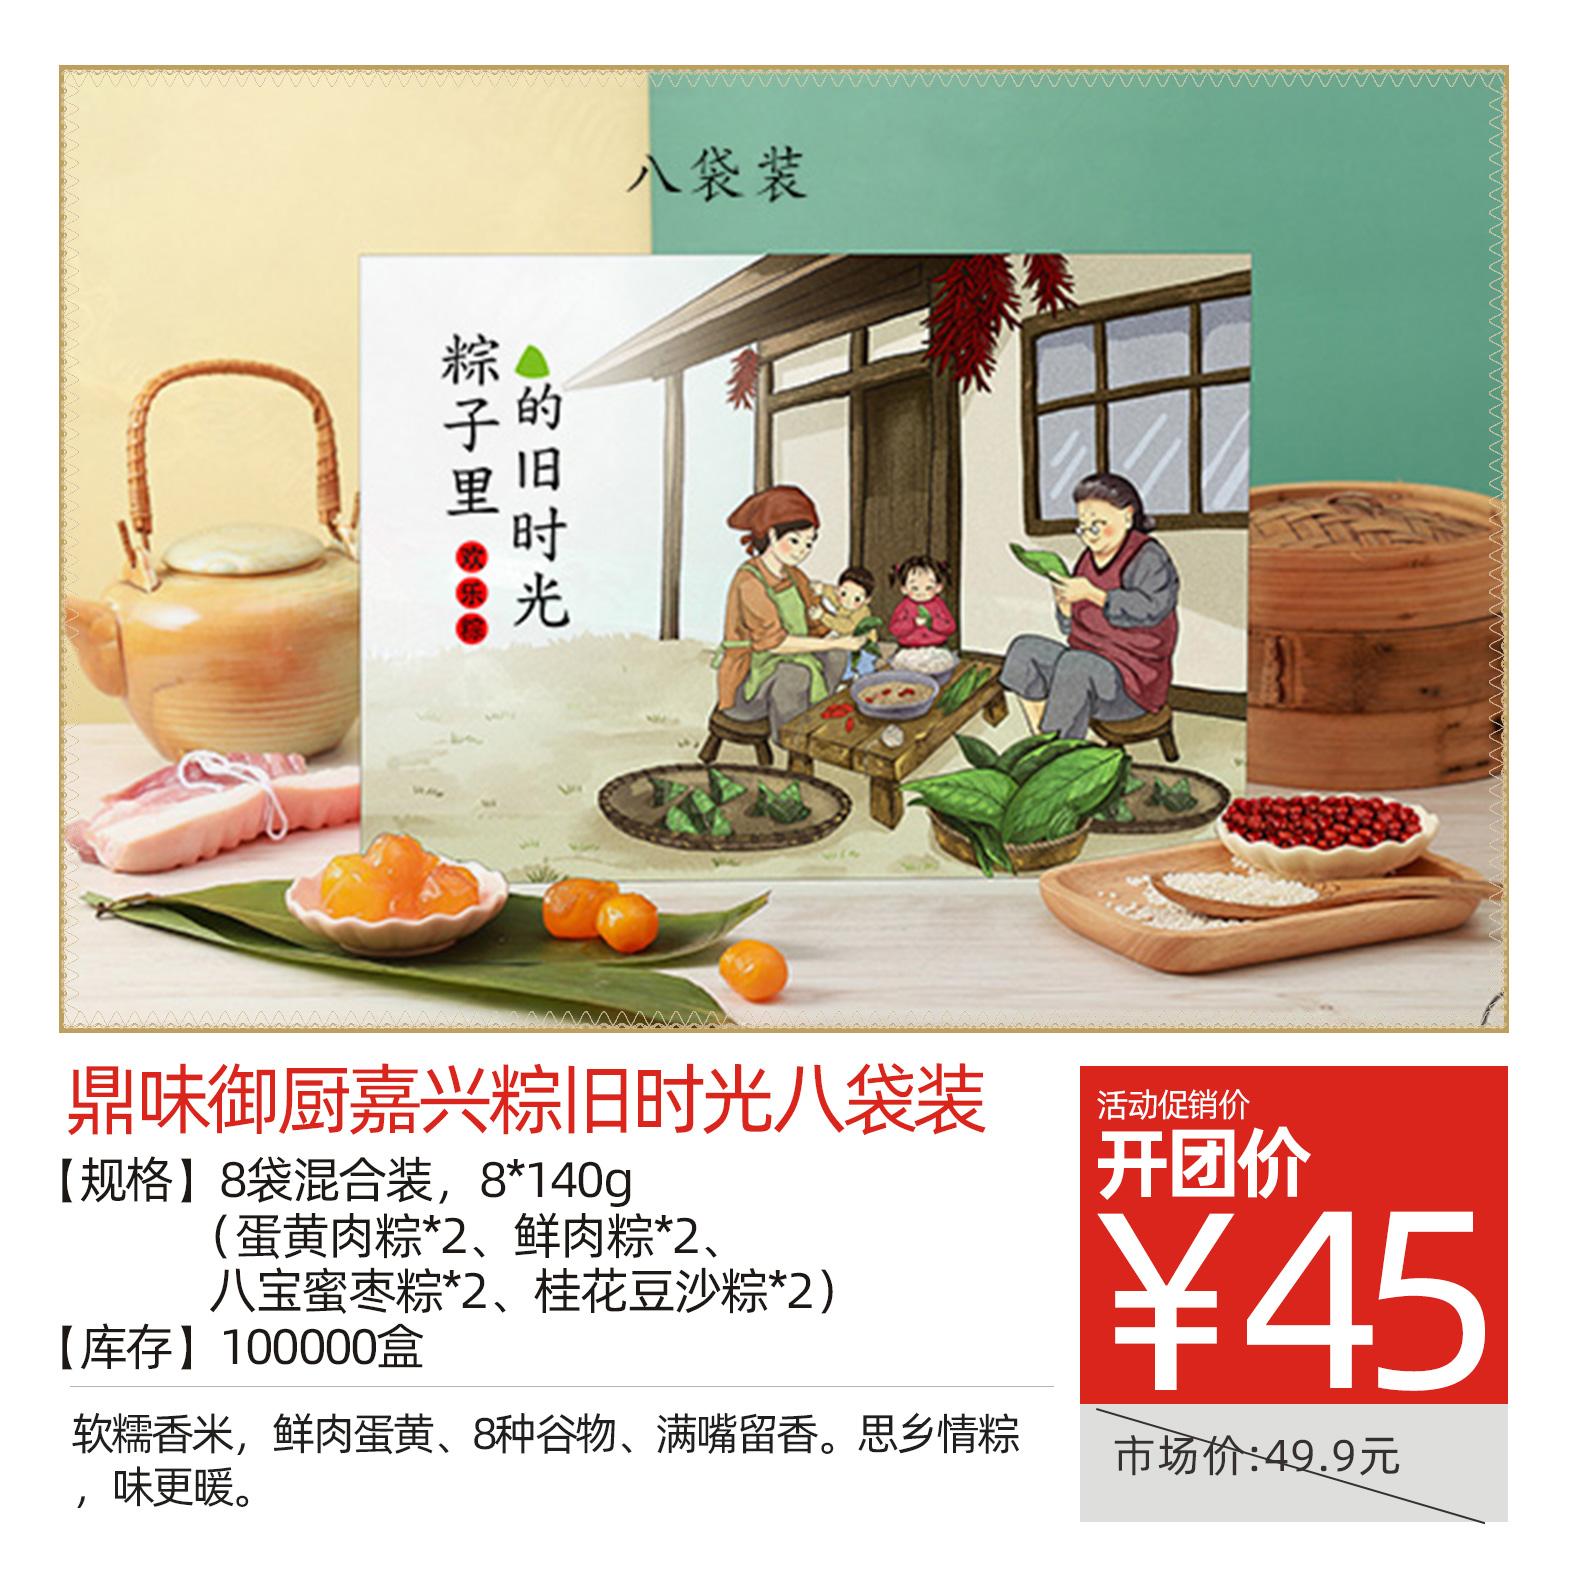 鼎味御厨嘉兴粽-旧时光(八袋混合装)